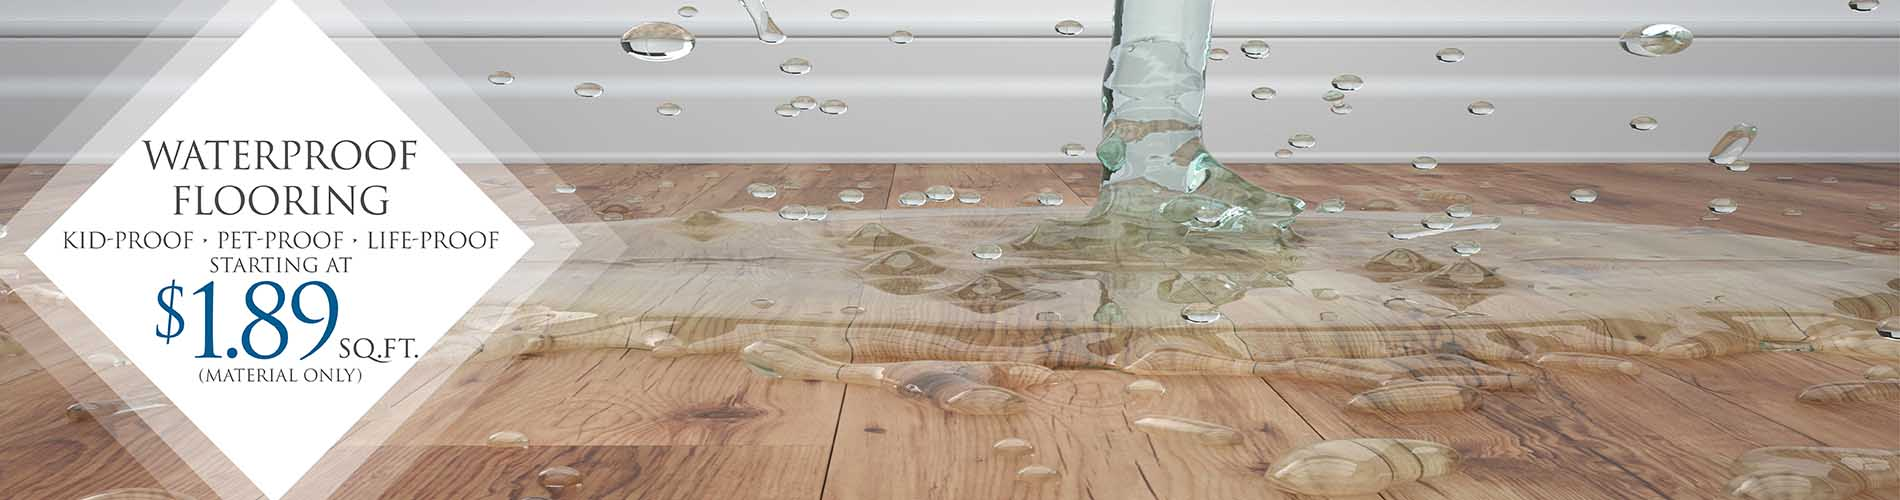 Waterproof Flooring $1.89 Sq. Ft.